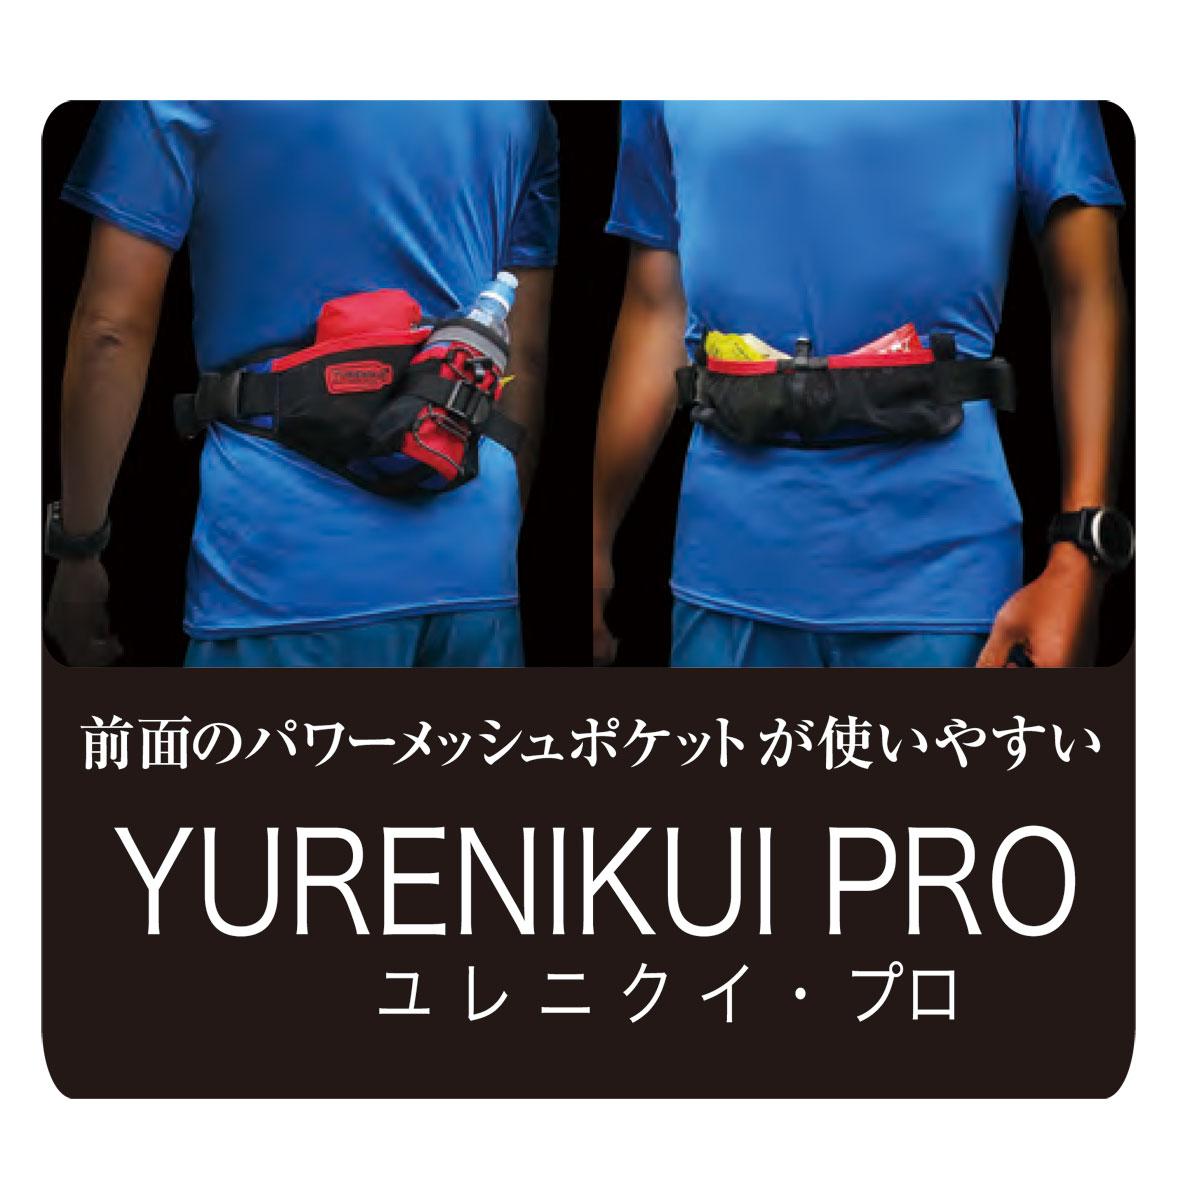 【プロ】ボトルポーチ YURENIKUI PRO ランニングポーチ、ペットボトル マラソン レース